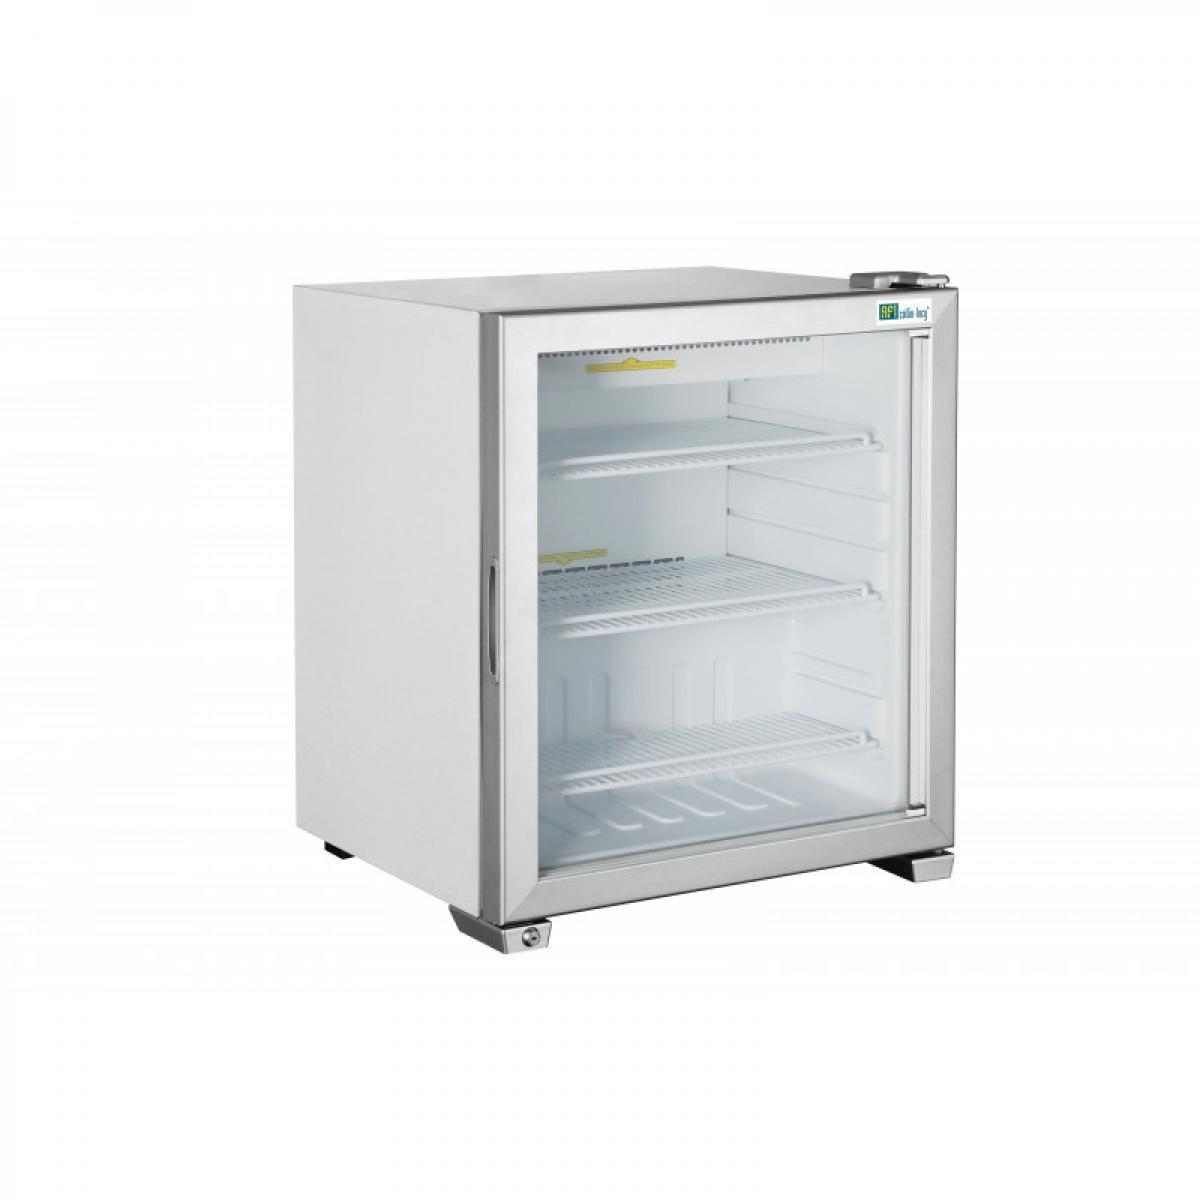 Materiel Chr Pro Mini Armoire Réfrigérée Négative Vitrée - 49 à 99 L - AFI Collin Lucy - R290 1 Porte 49 litres